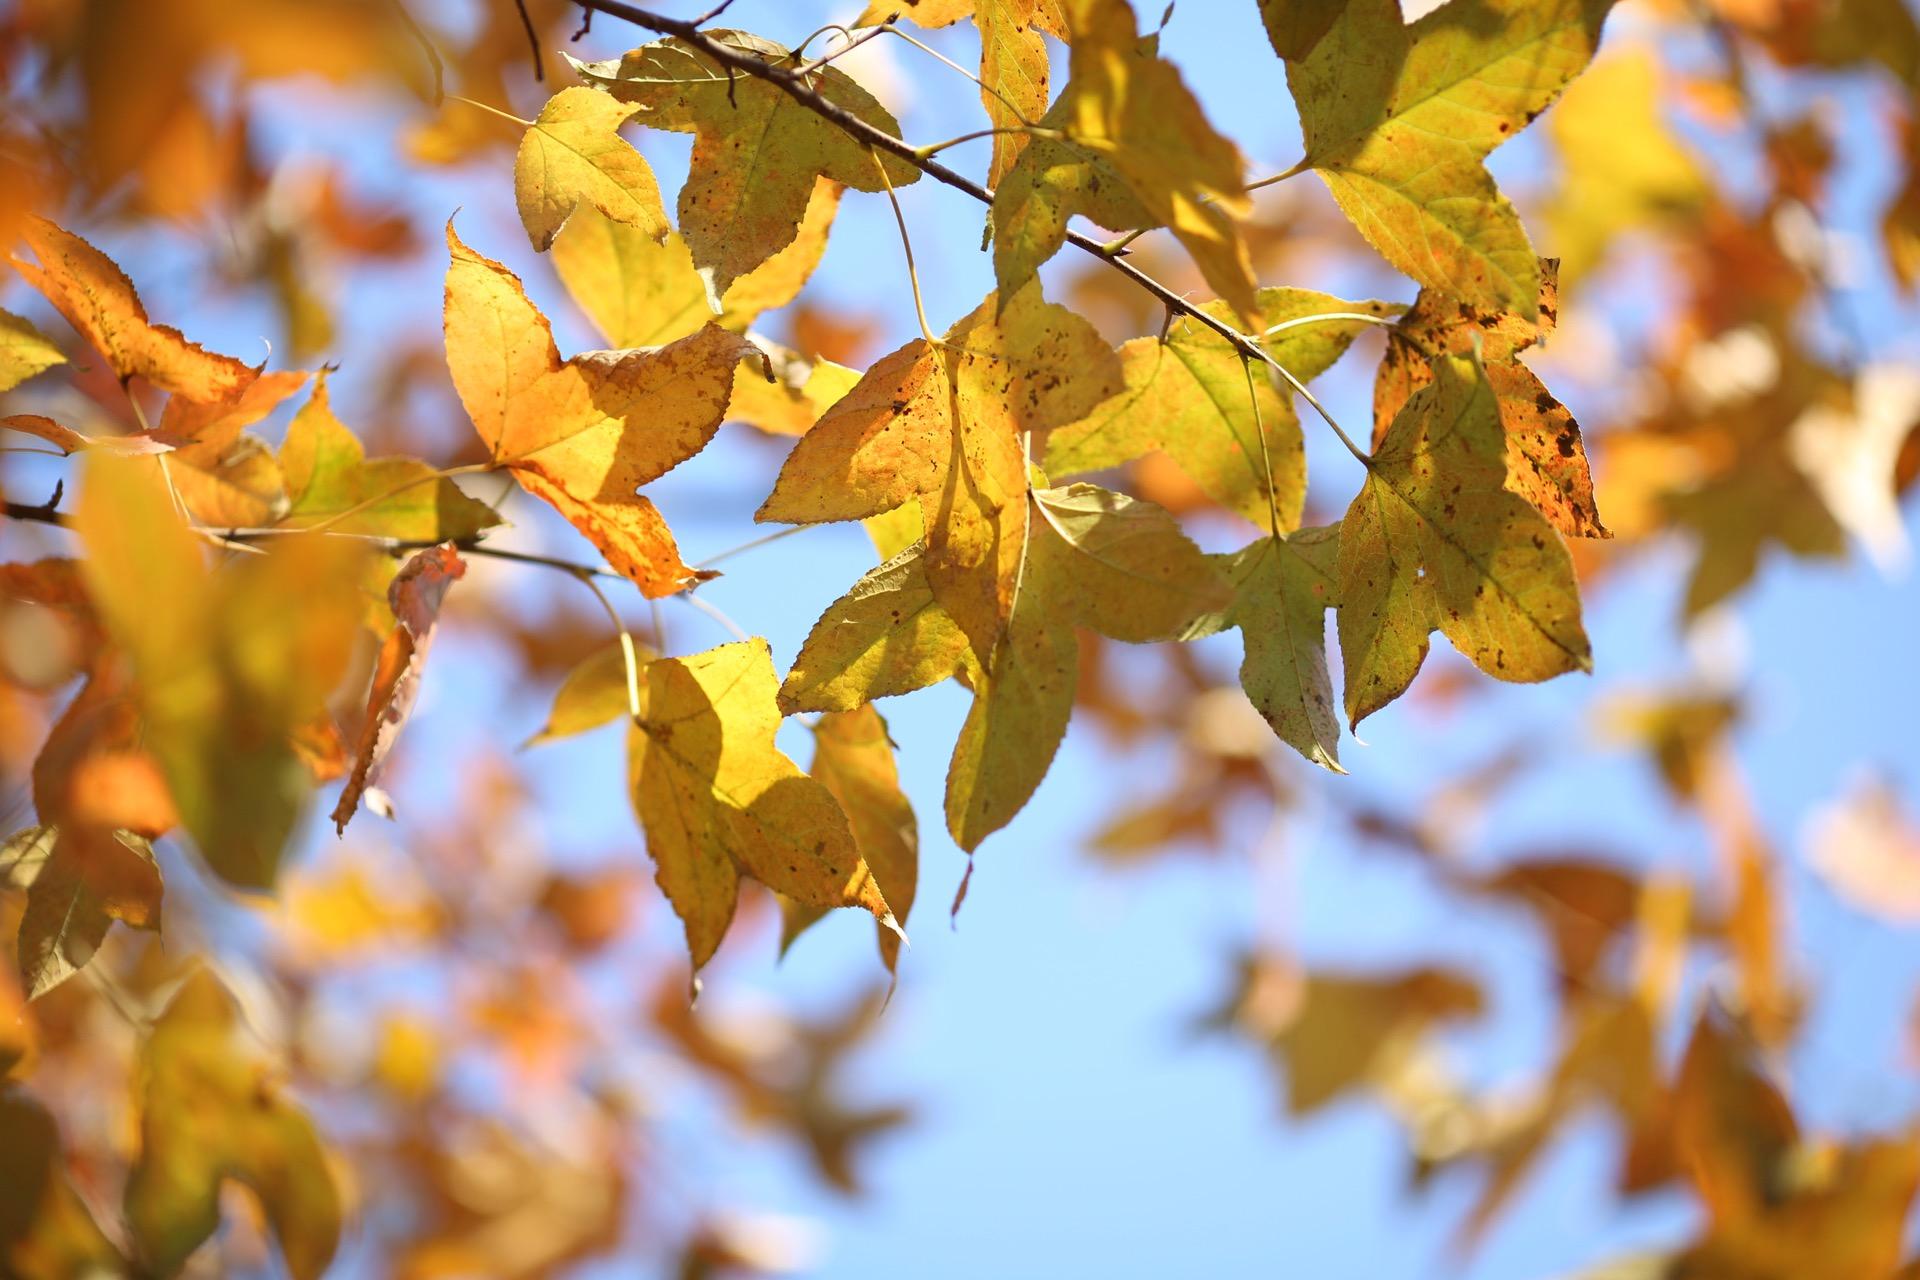 背景 壁纸 绿色 绿叶 树叶 银杏 银杏树 银杏叶 植物 桌面 1920_1280